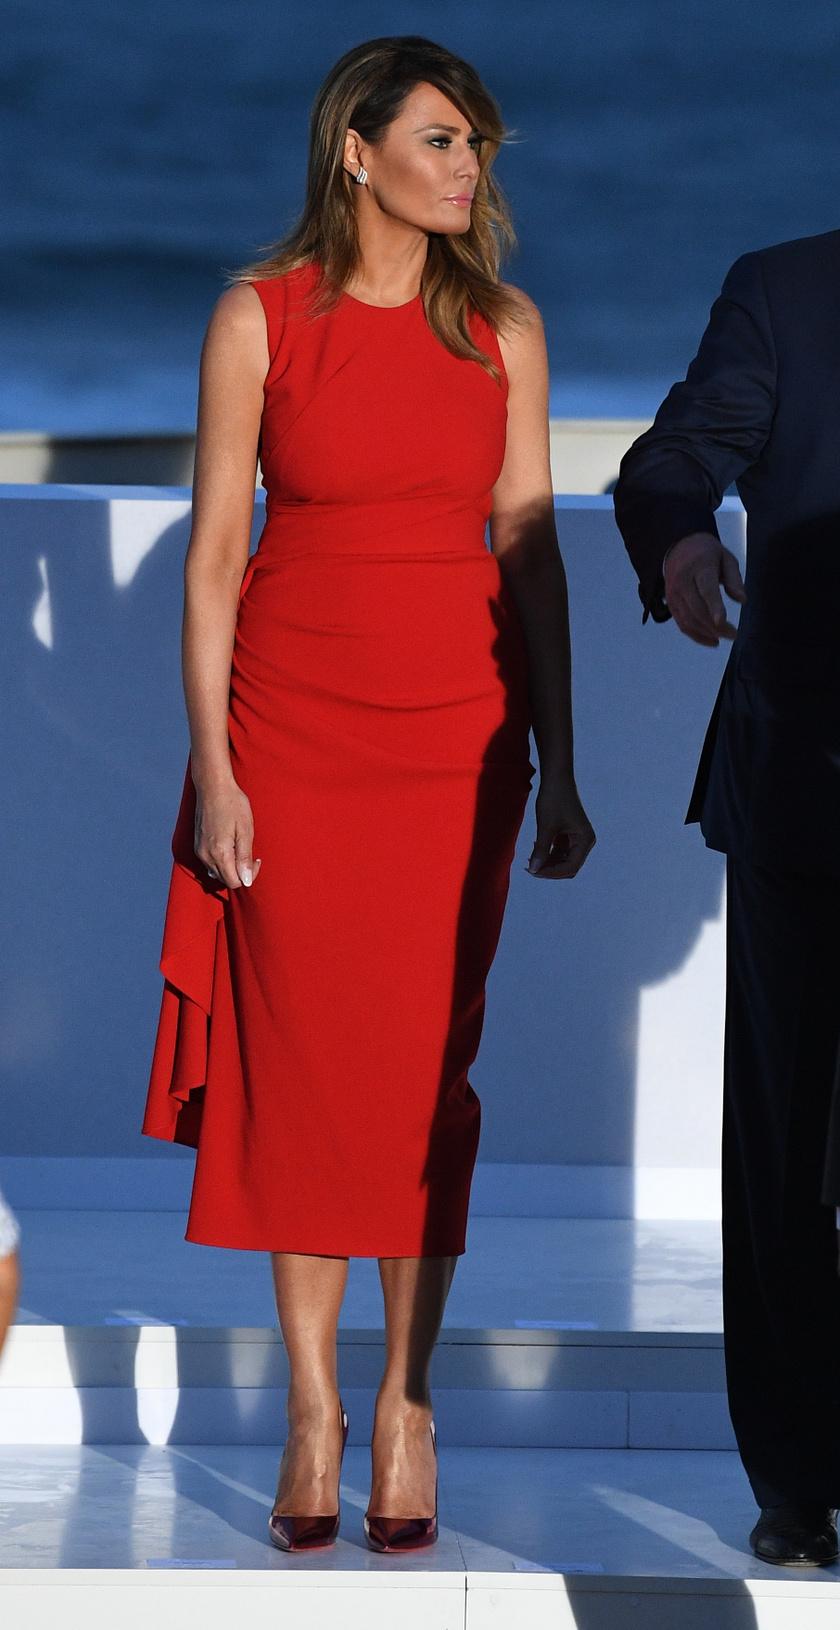 Melania Trump igazán csinos és elegáns volt tűzpirosban. Ez az Alexander McQueen-kreáció 2375 dollárba, azaz átszámítva 700 ezer forintba került.